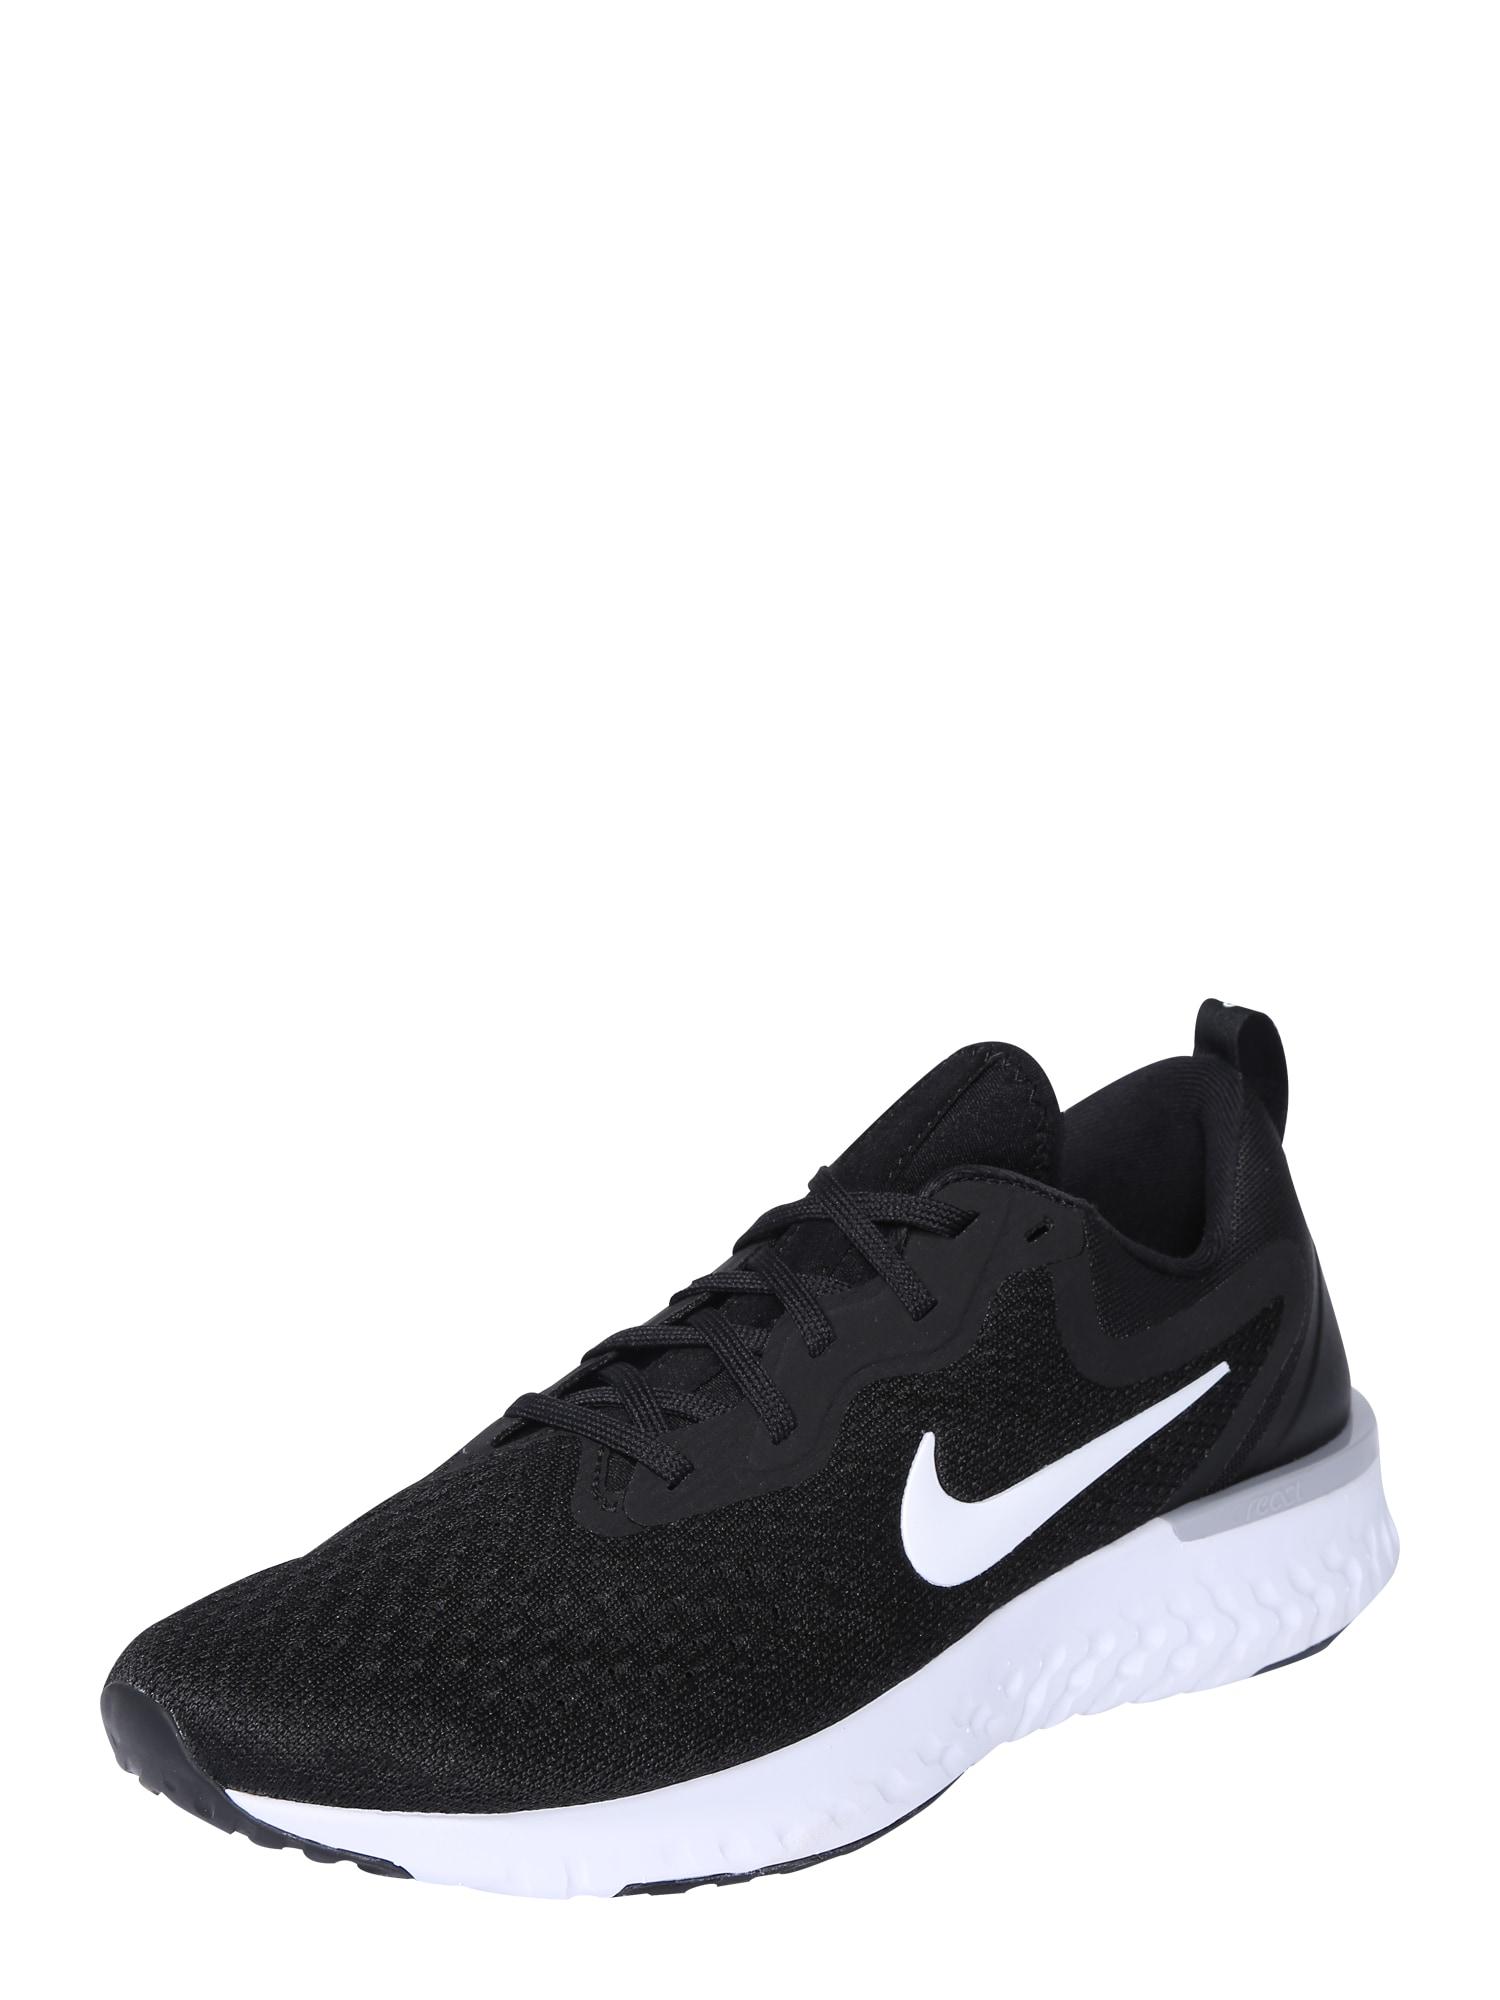 Běžecká obuv ODYSSEY REACT šedá černá bílá NIKE